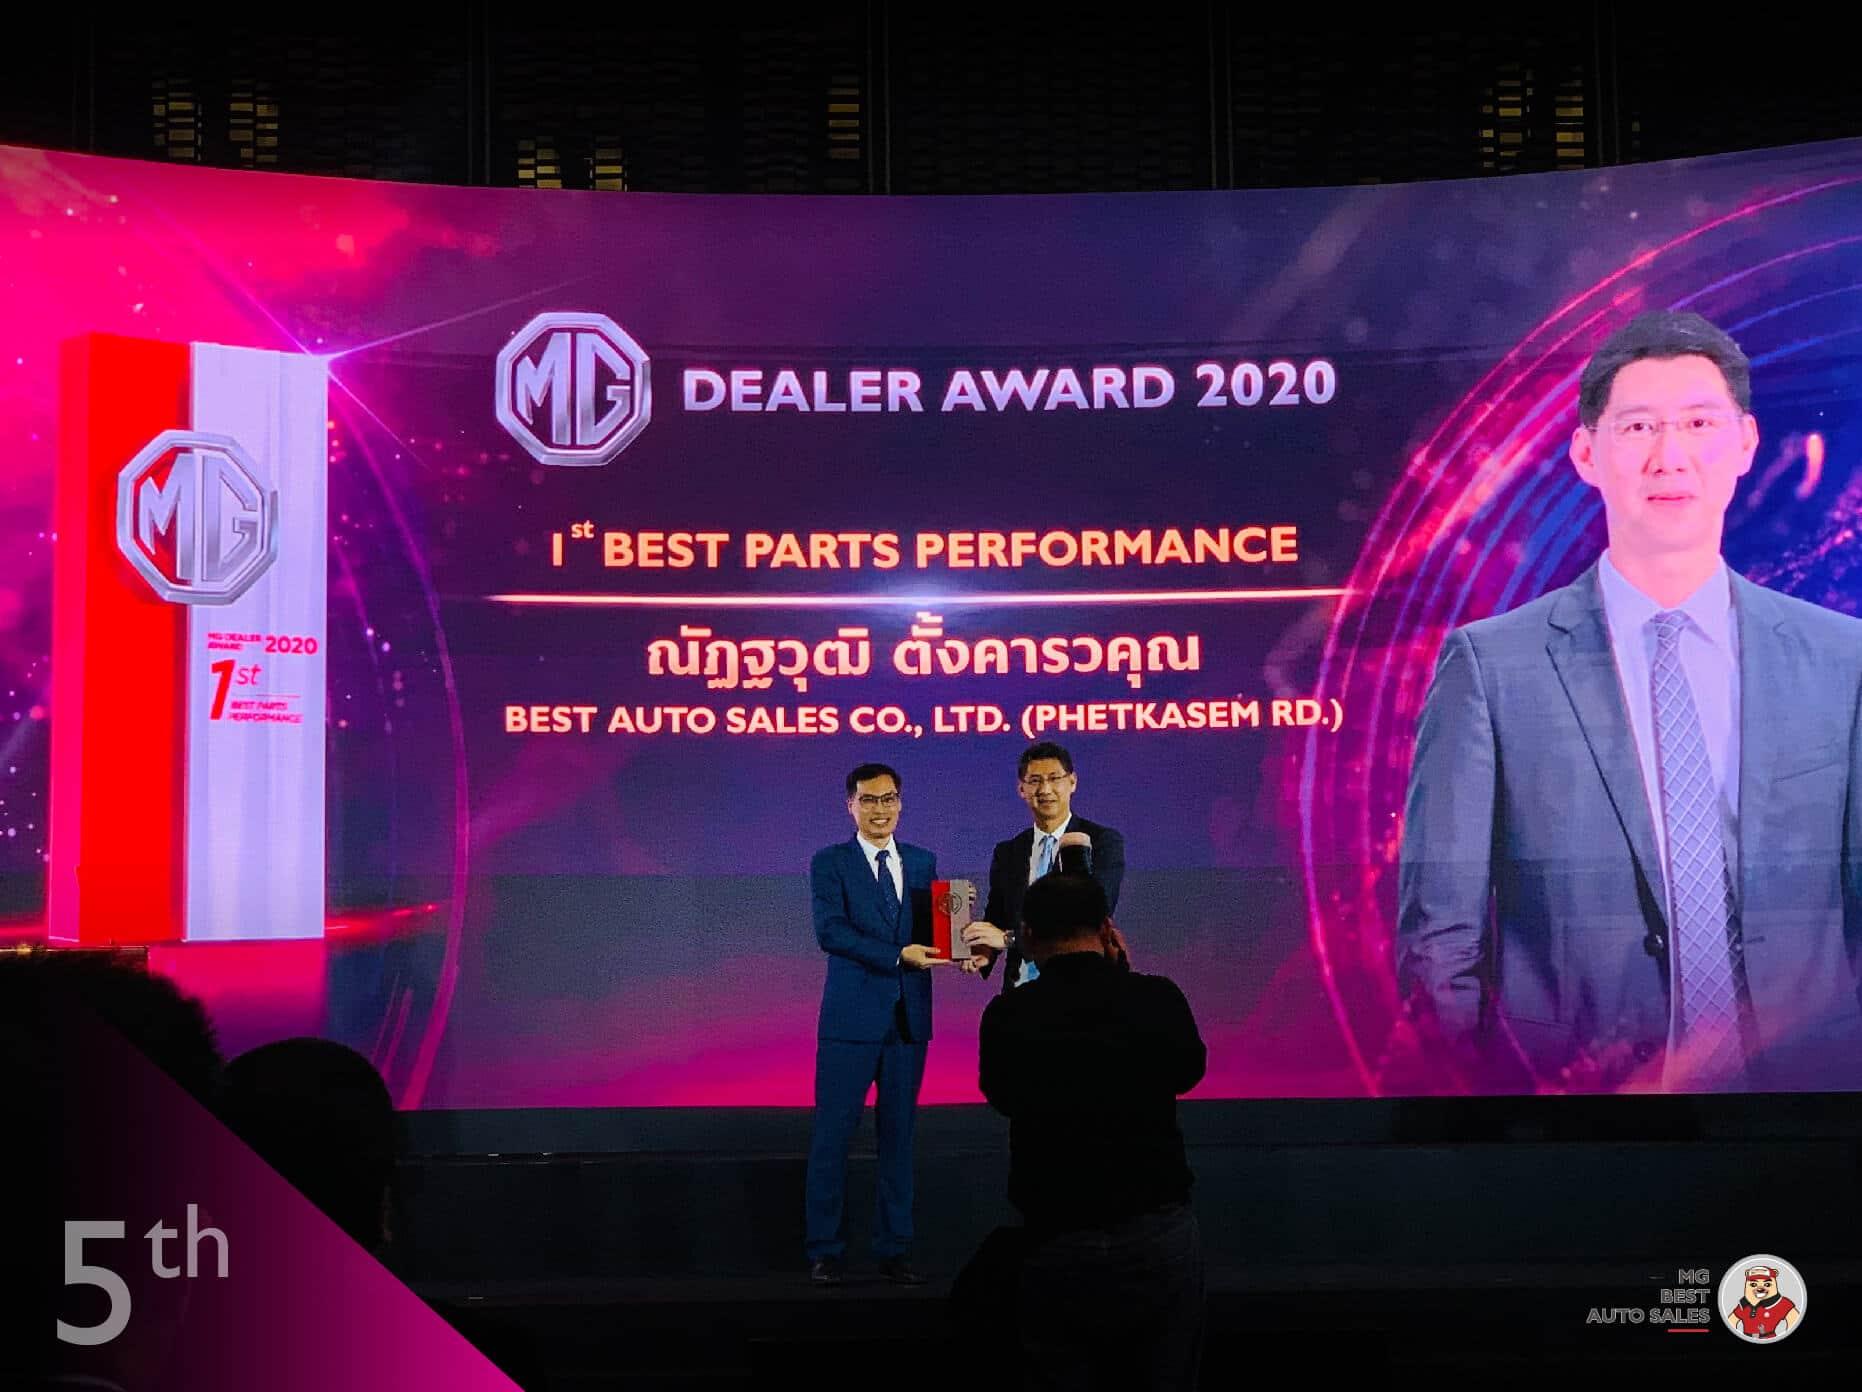 5-รางวัล 1st Best Parts Performance เอ็มจี เพชรเกษม 65